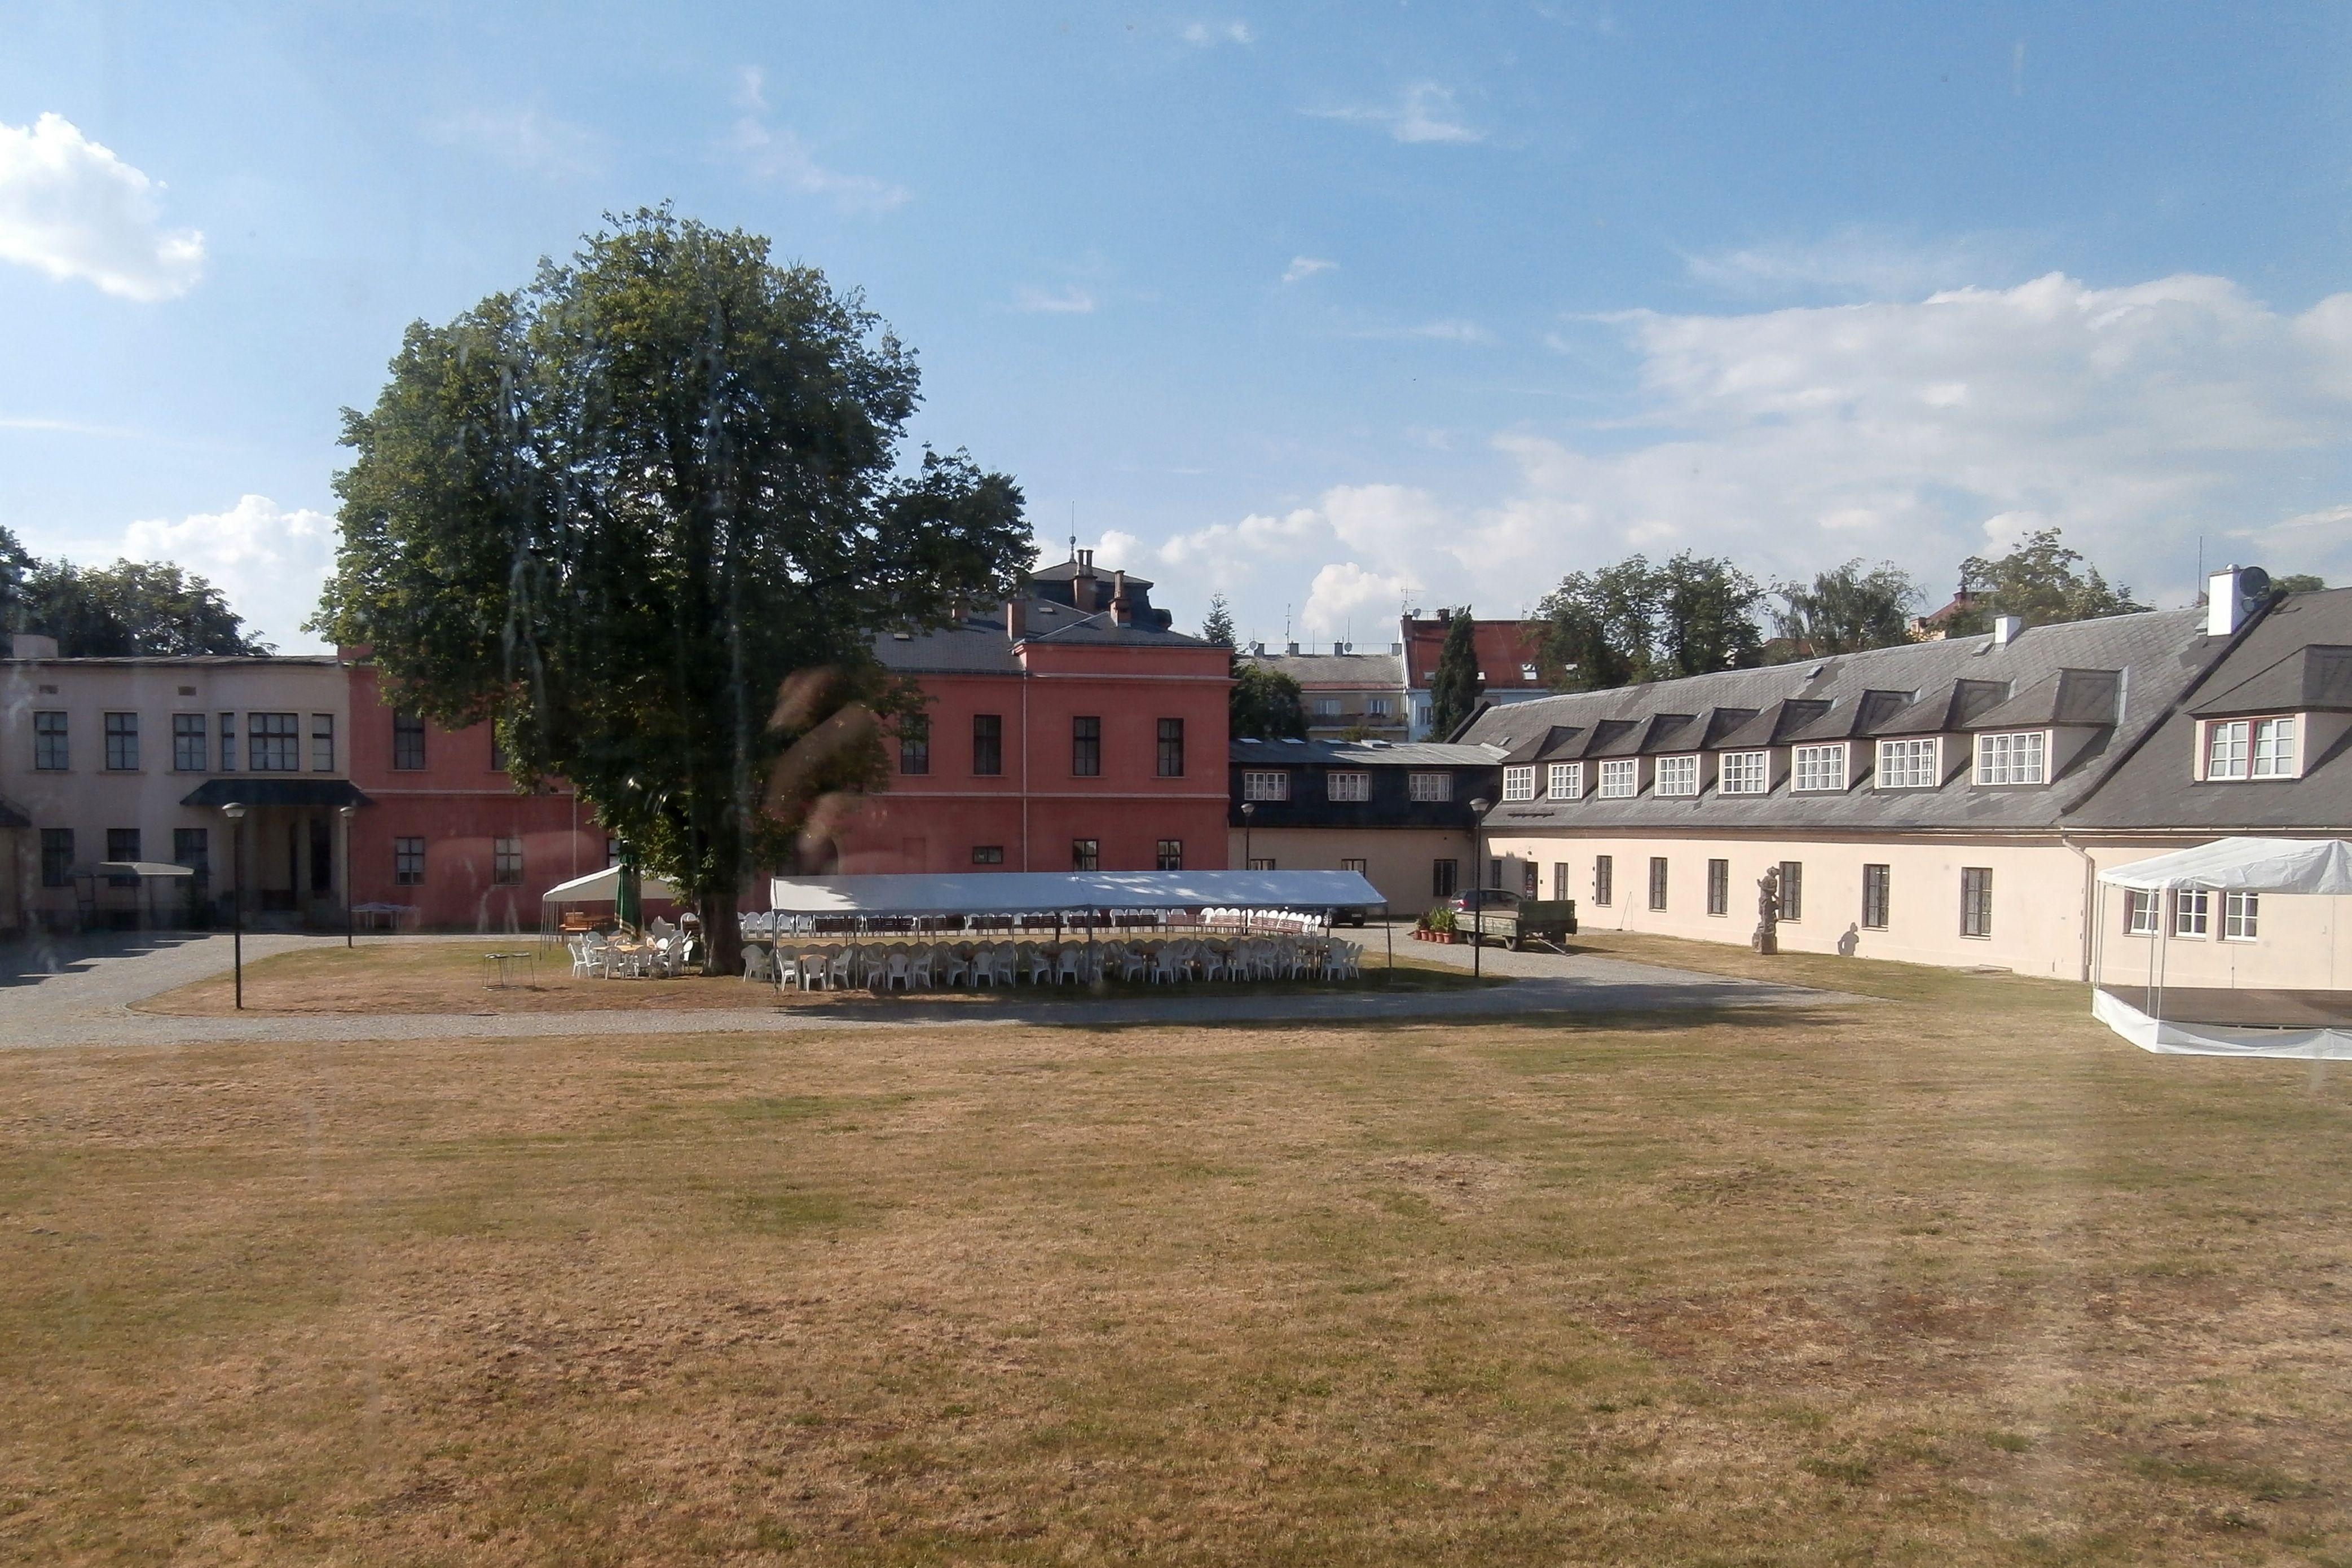 VMŠ zdroj foto: archiv šumpersko.net